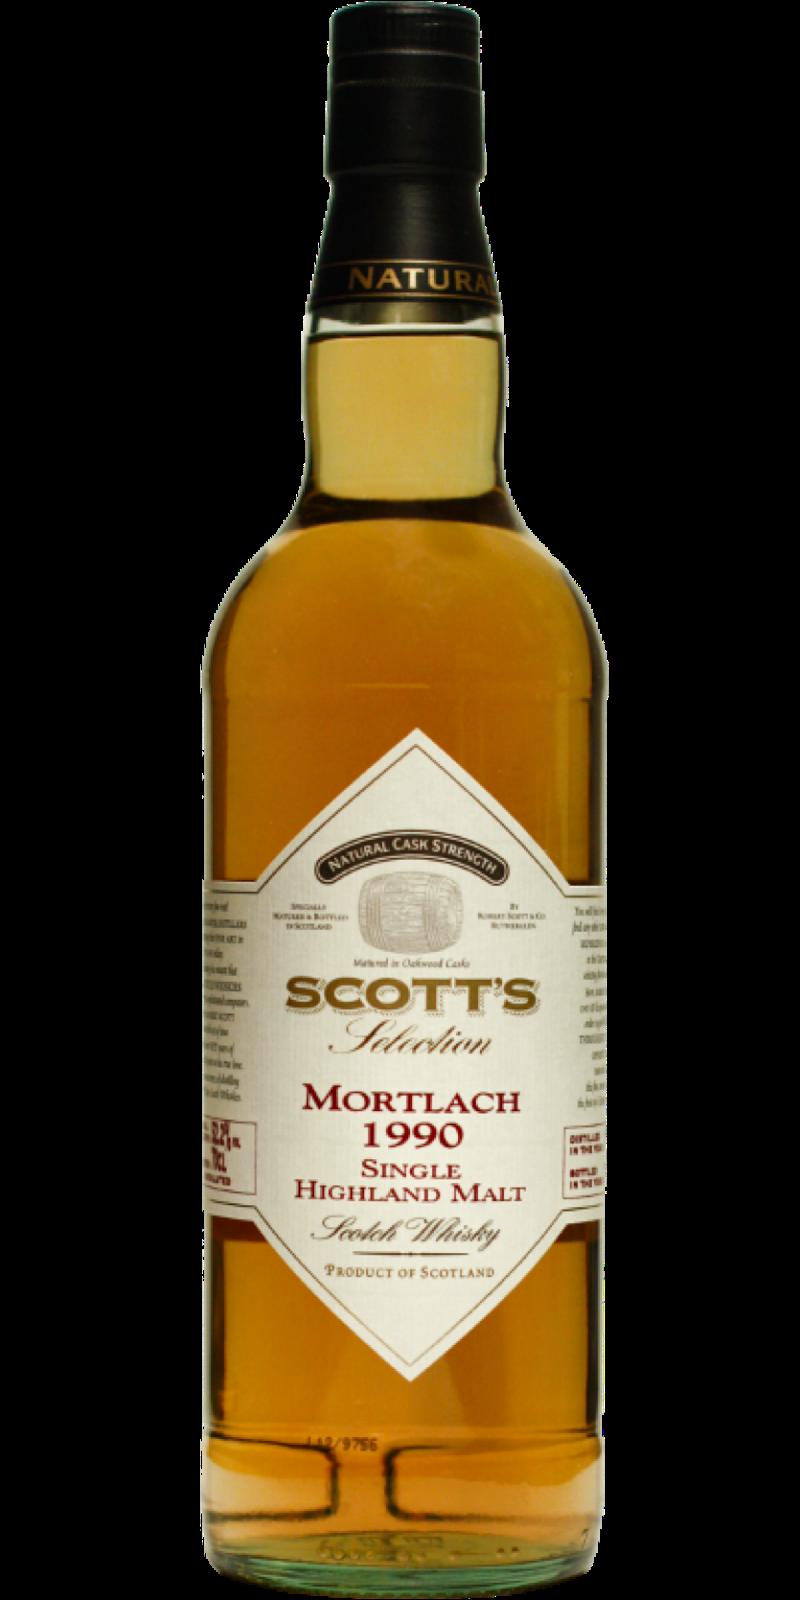 Mortlach 1990